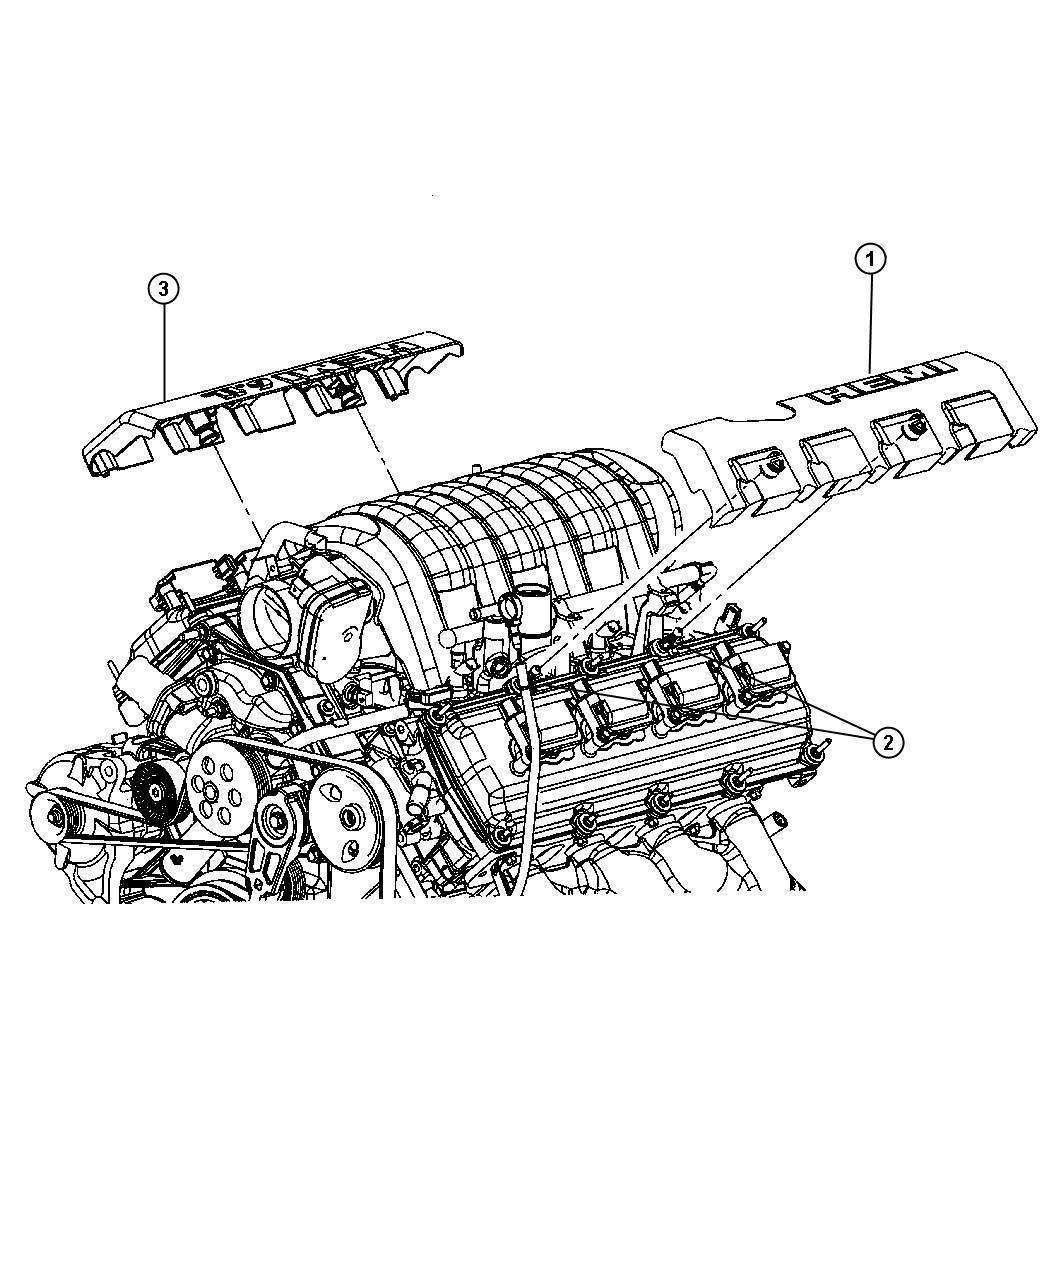 Dodge Magnum Cover. Wiring protector. Left, left side